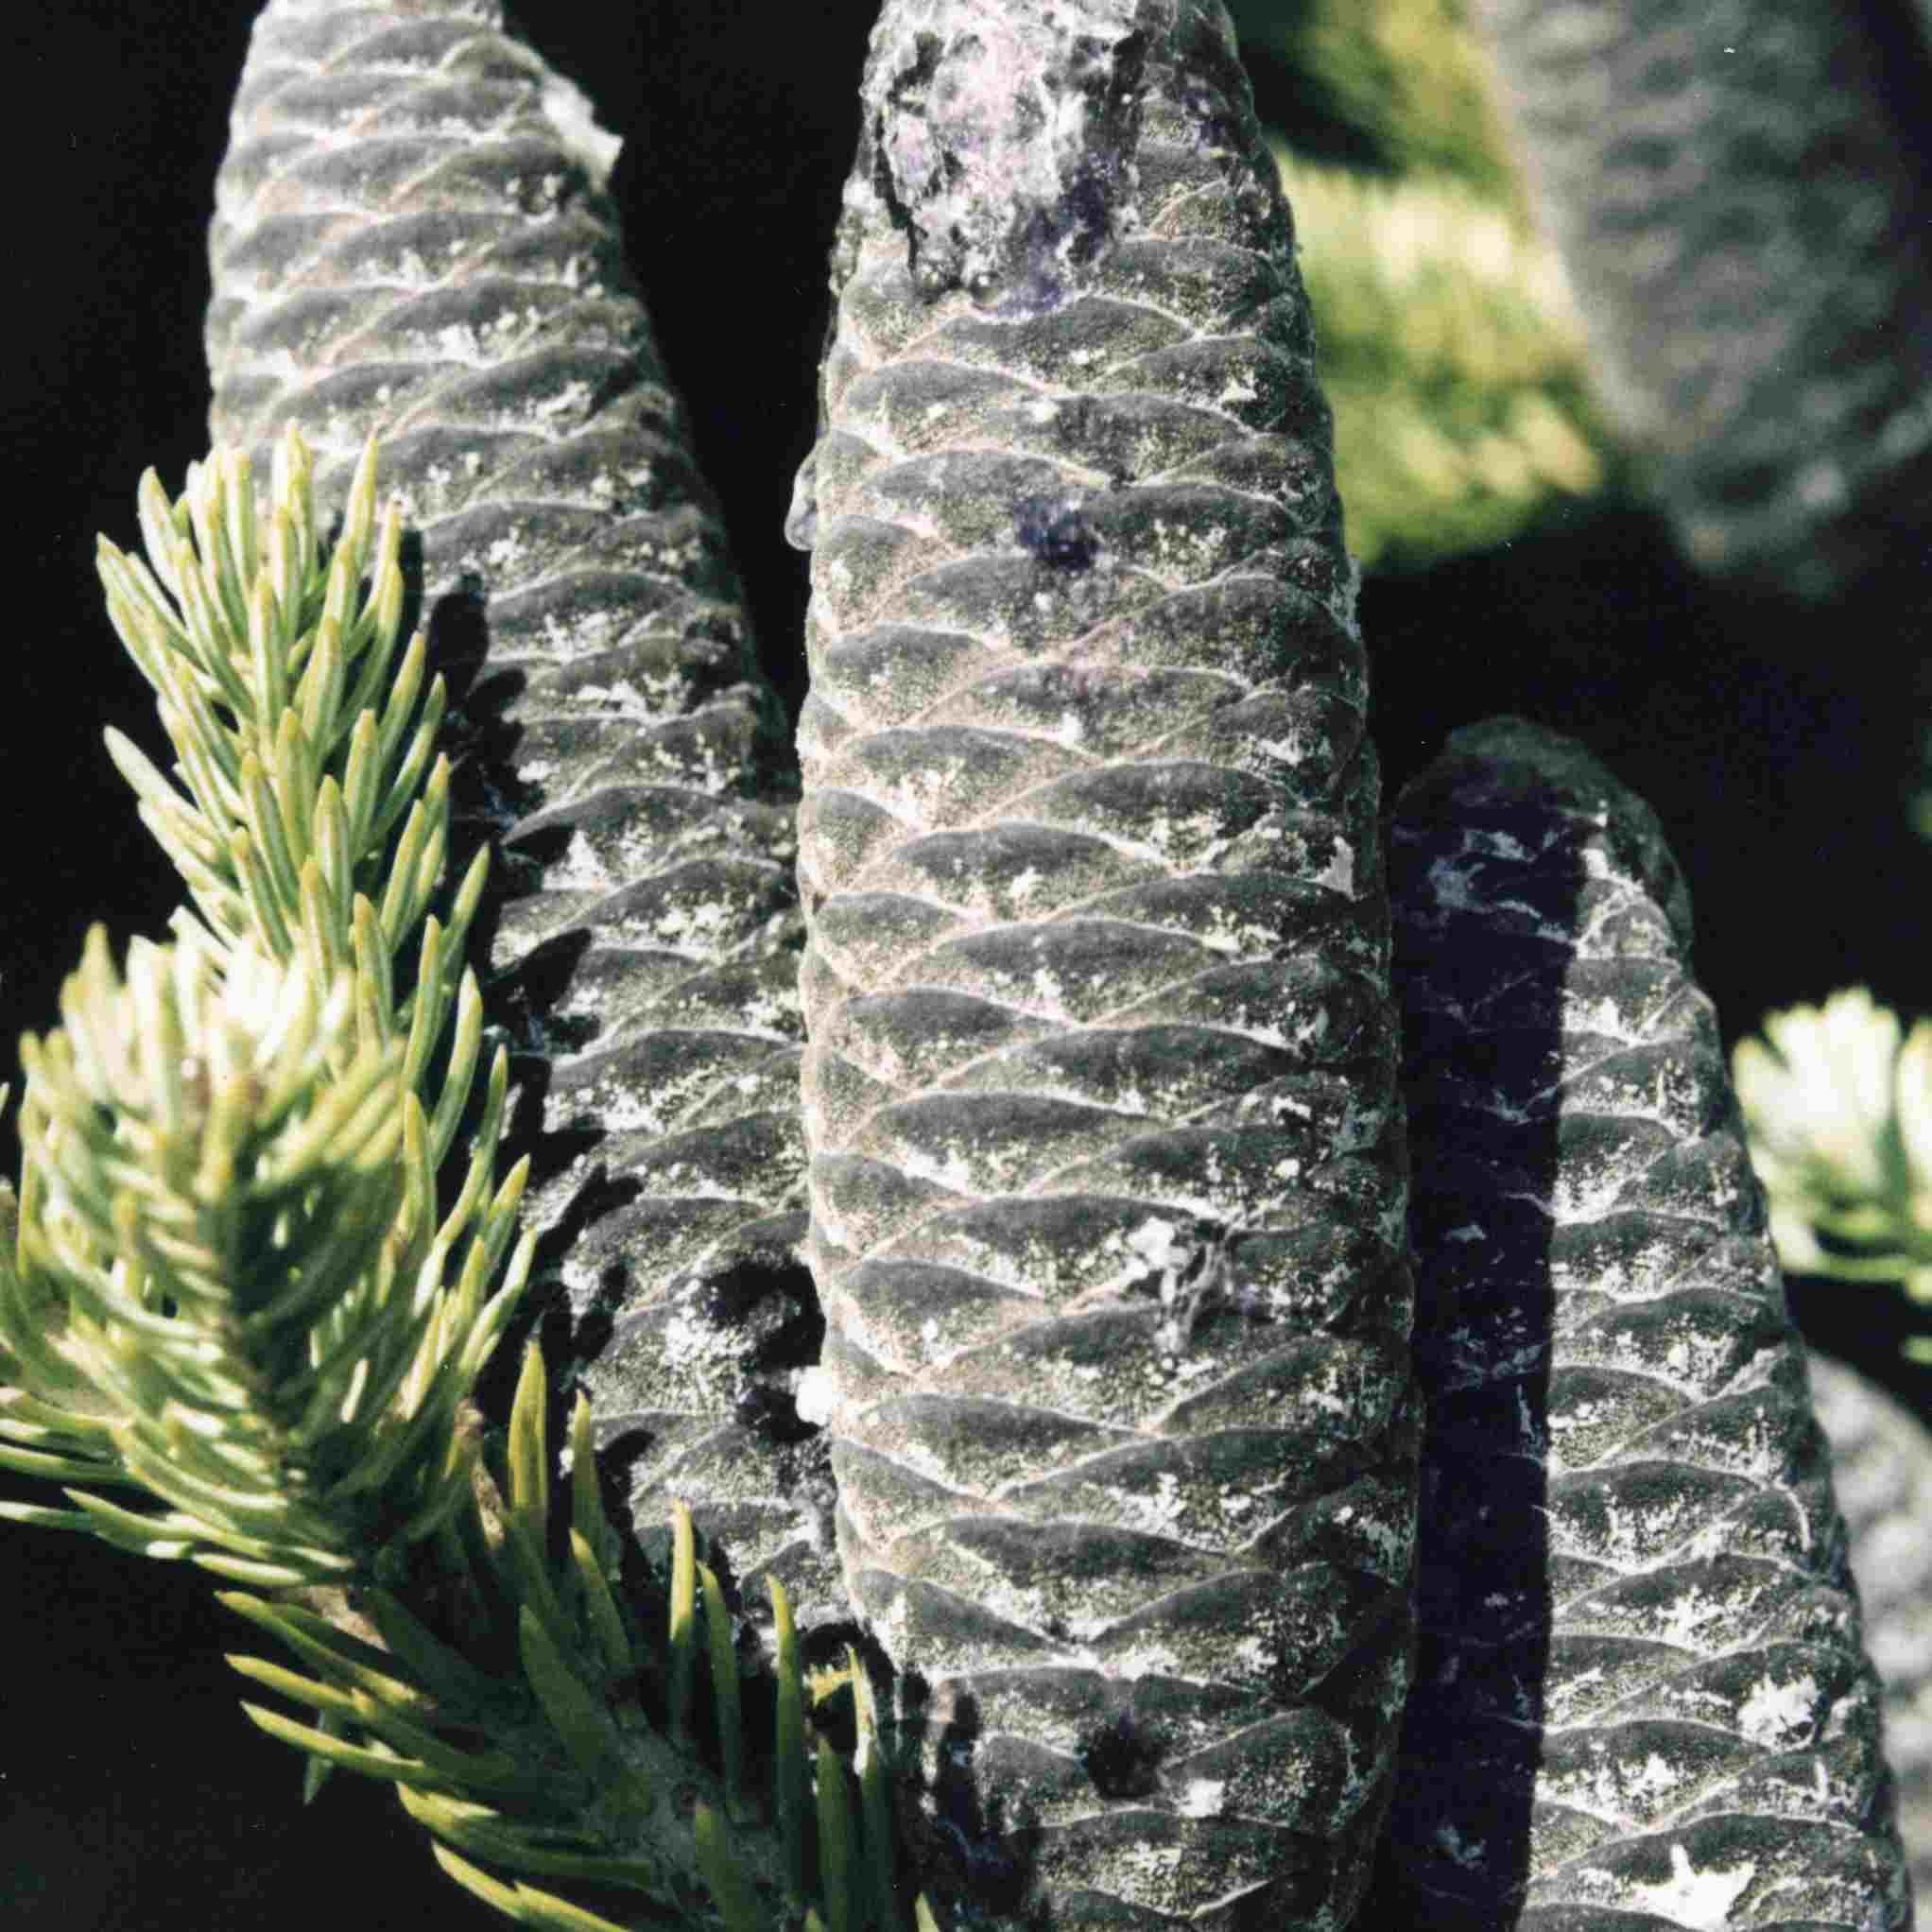 balsam fir cones